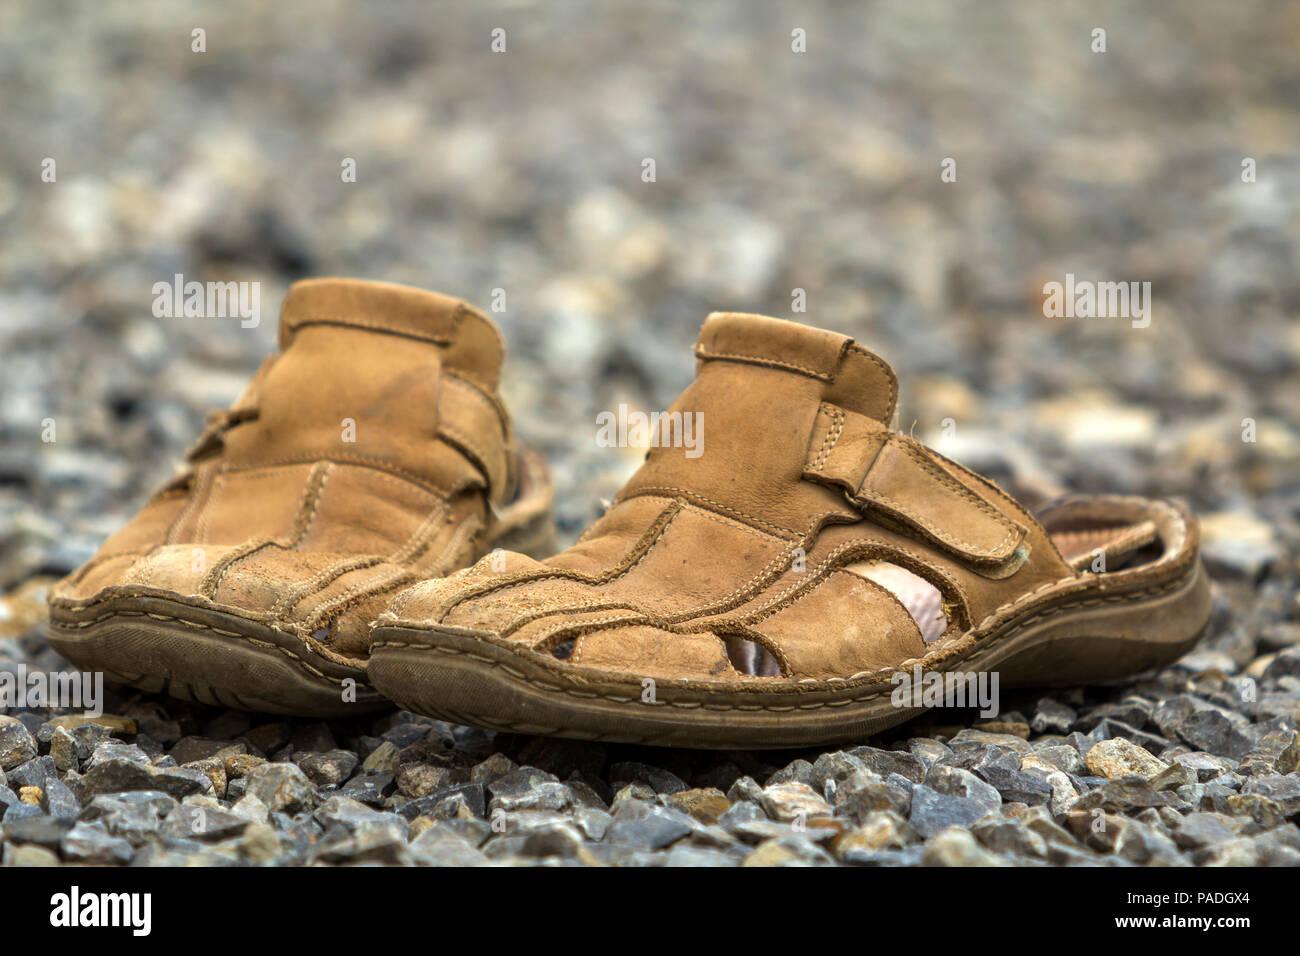 In der Nähe von paar alten, abgenutzten komfortable Mann Klassische Leder  weiche braune Sommer Schuhe Sandalen an outdoor Stein Steinchen. Moderne  Kleidung ... df425cecbb